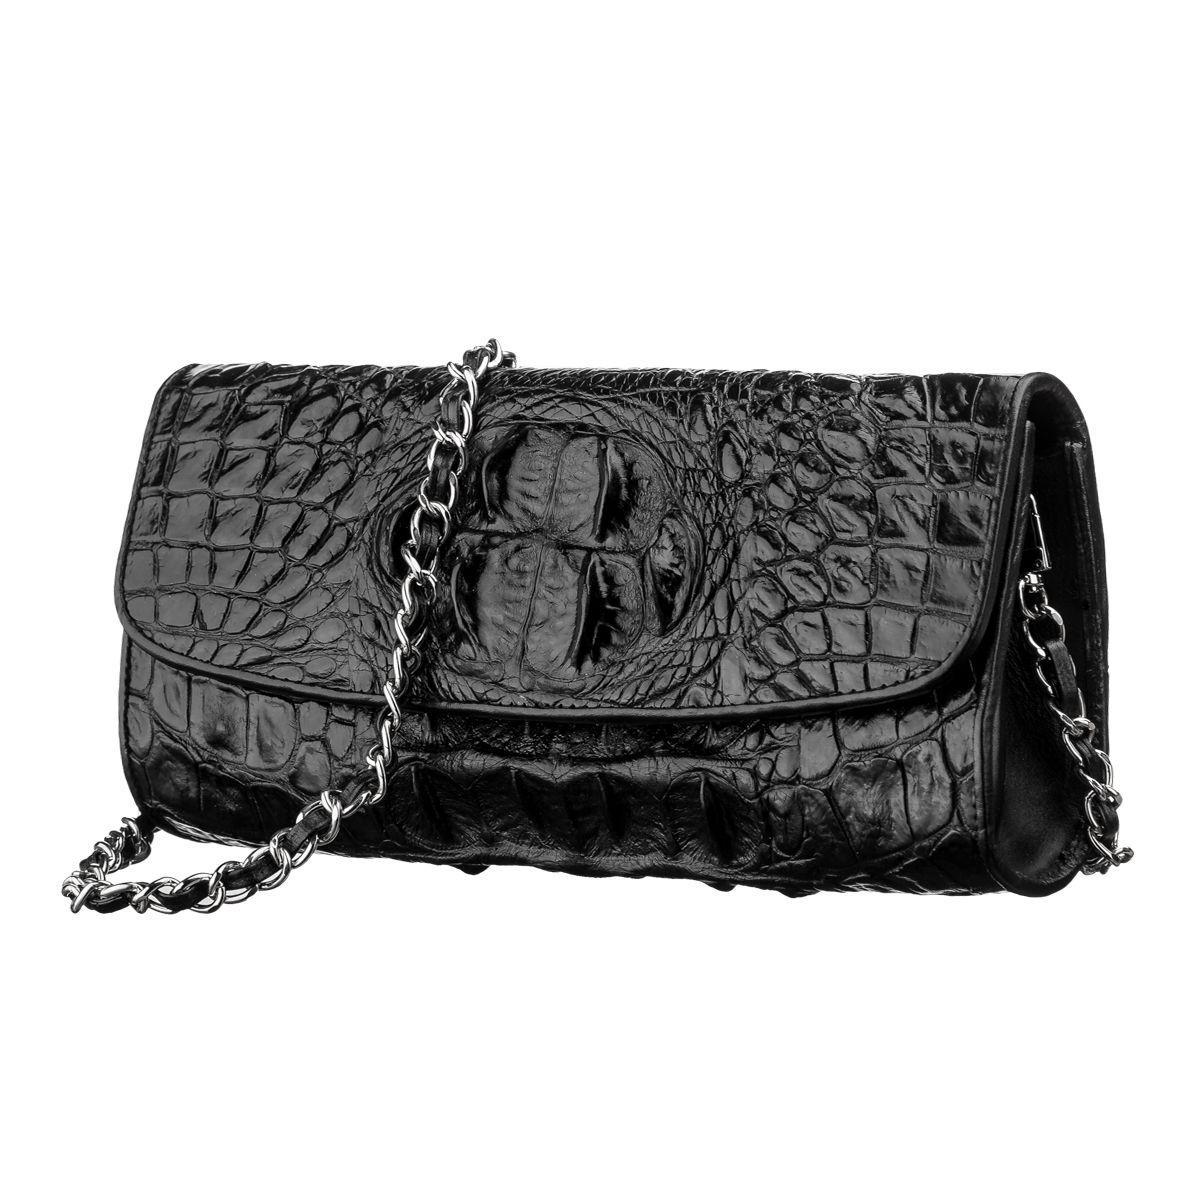 Сумка клатч Ekzotic Leather  из натуральной кожи крокодила Черная (cb 12)